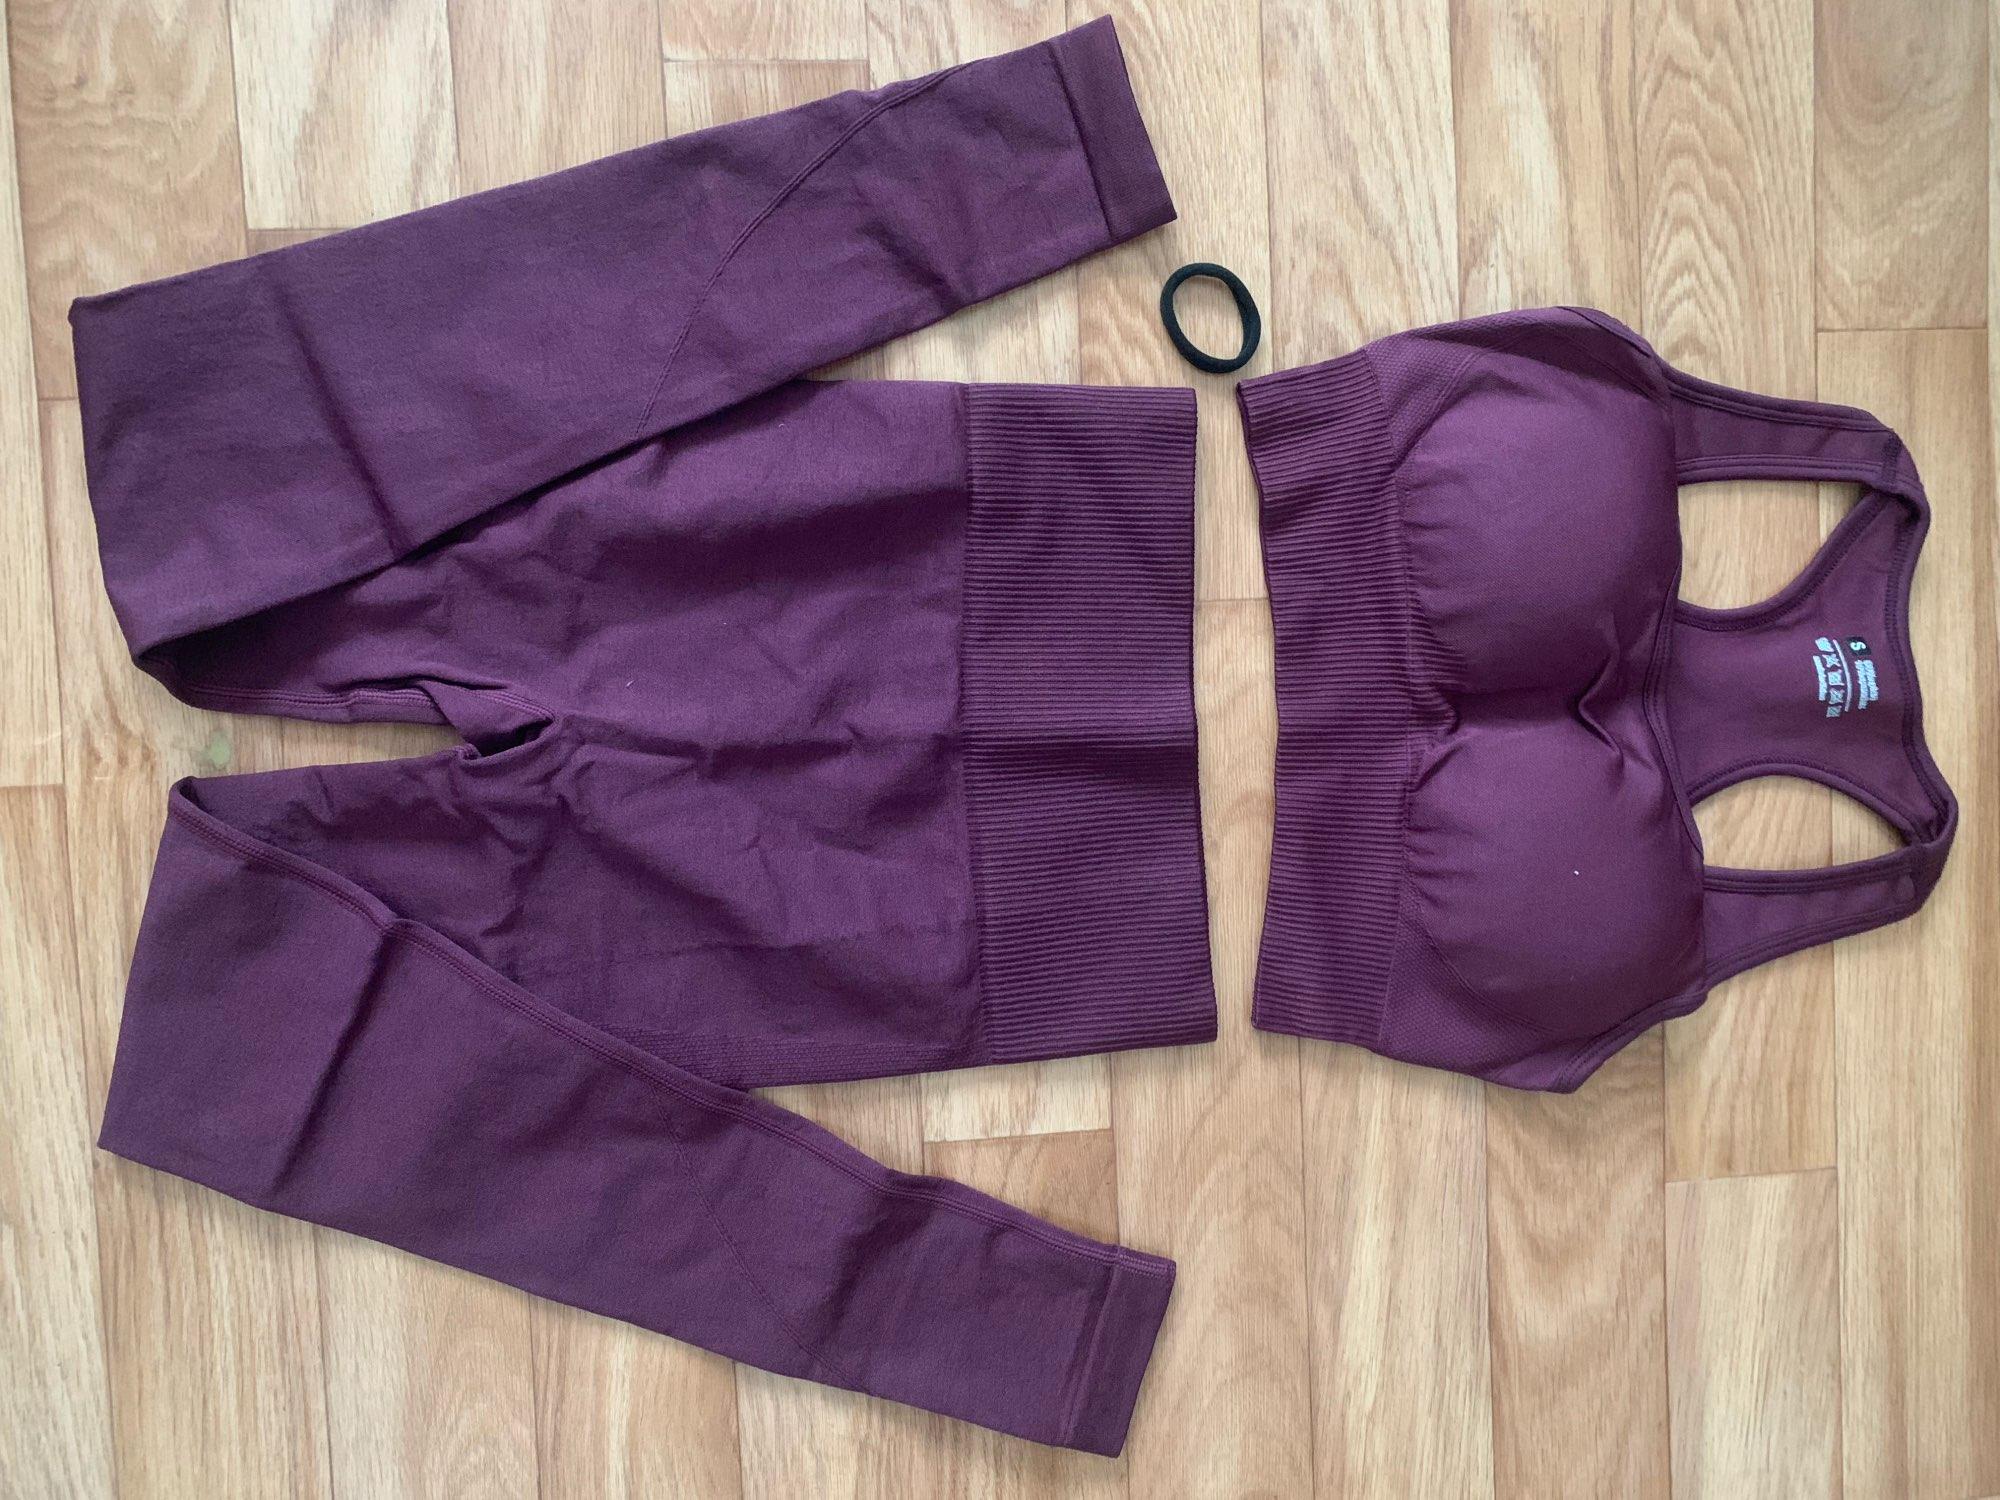 Women's Yoga Seamless Sportswear Set photo review